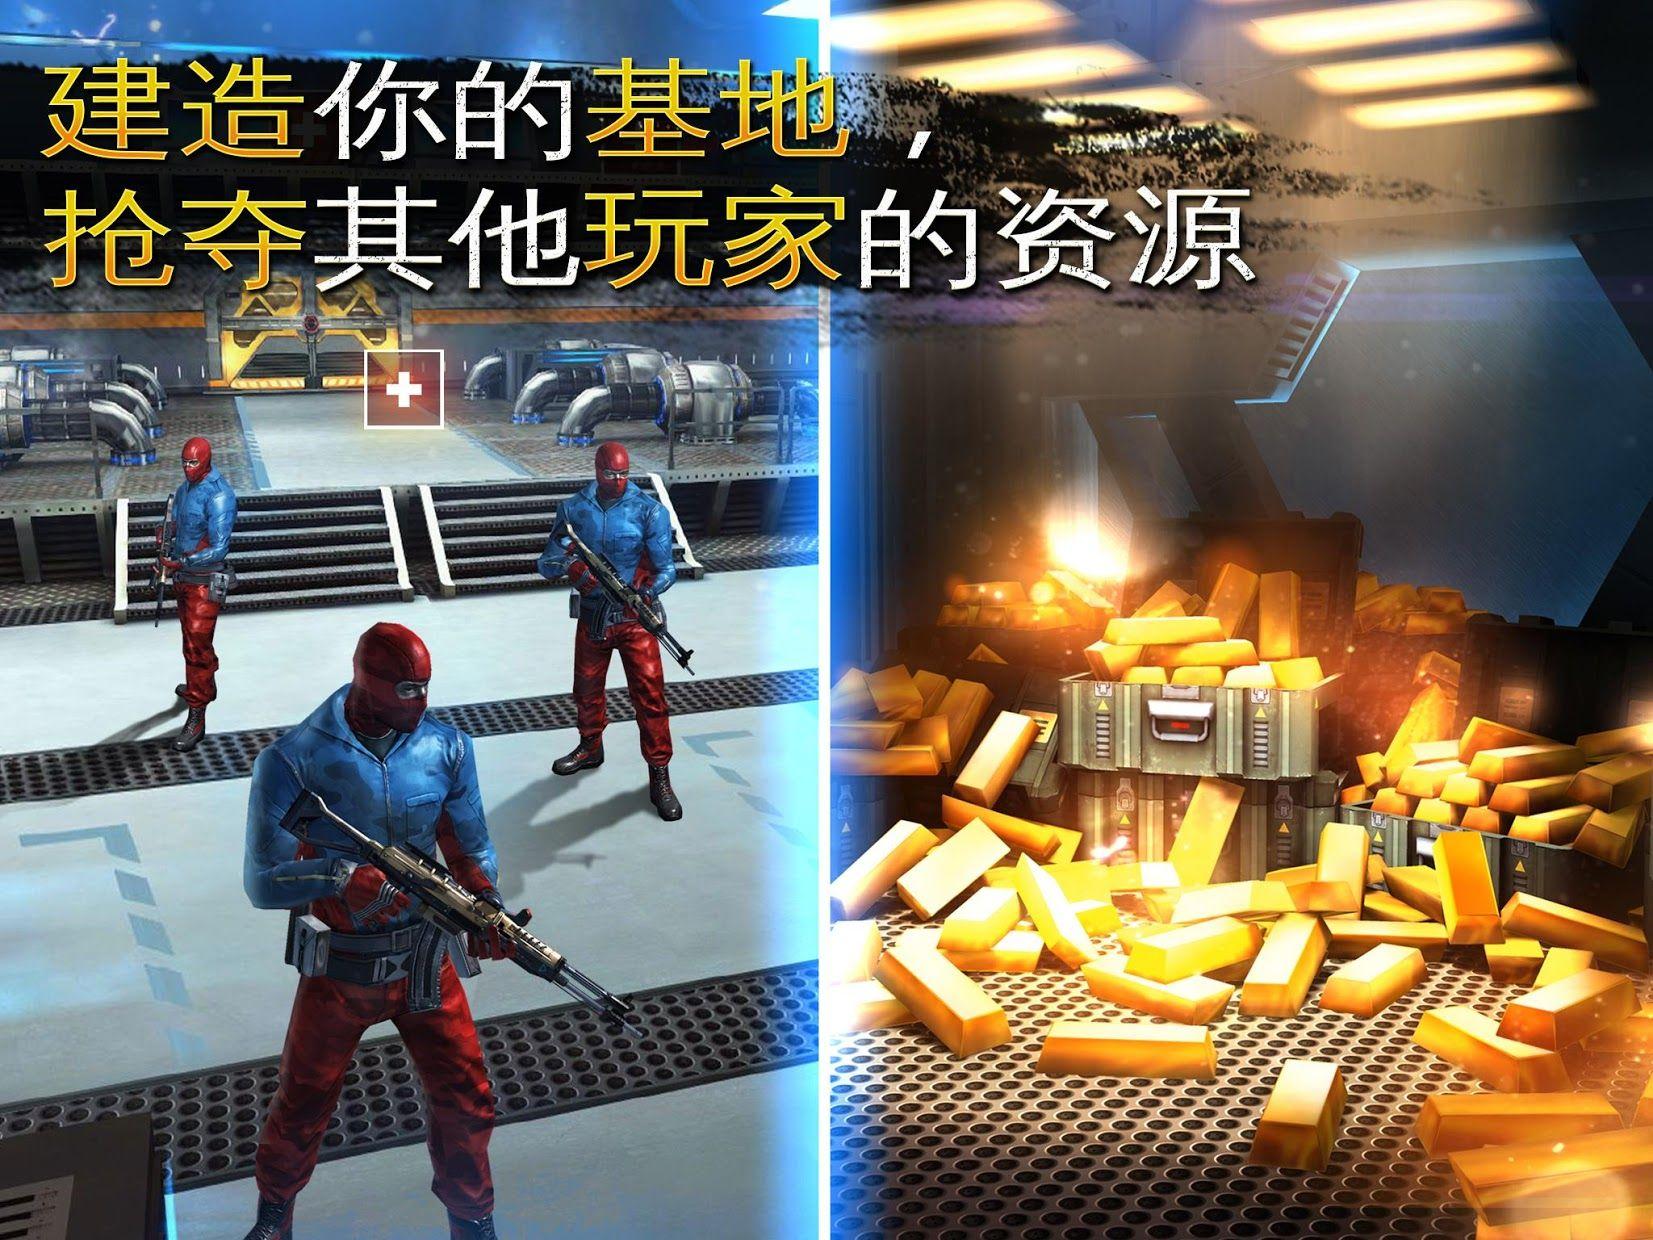 炽热狙击:最好玩的射击游戏 游戏截图4